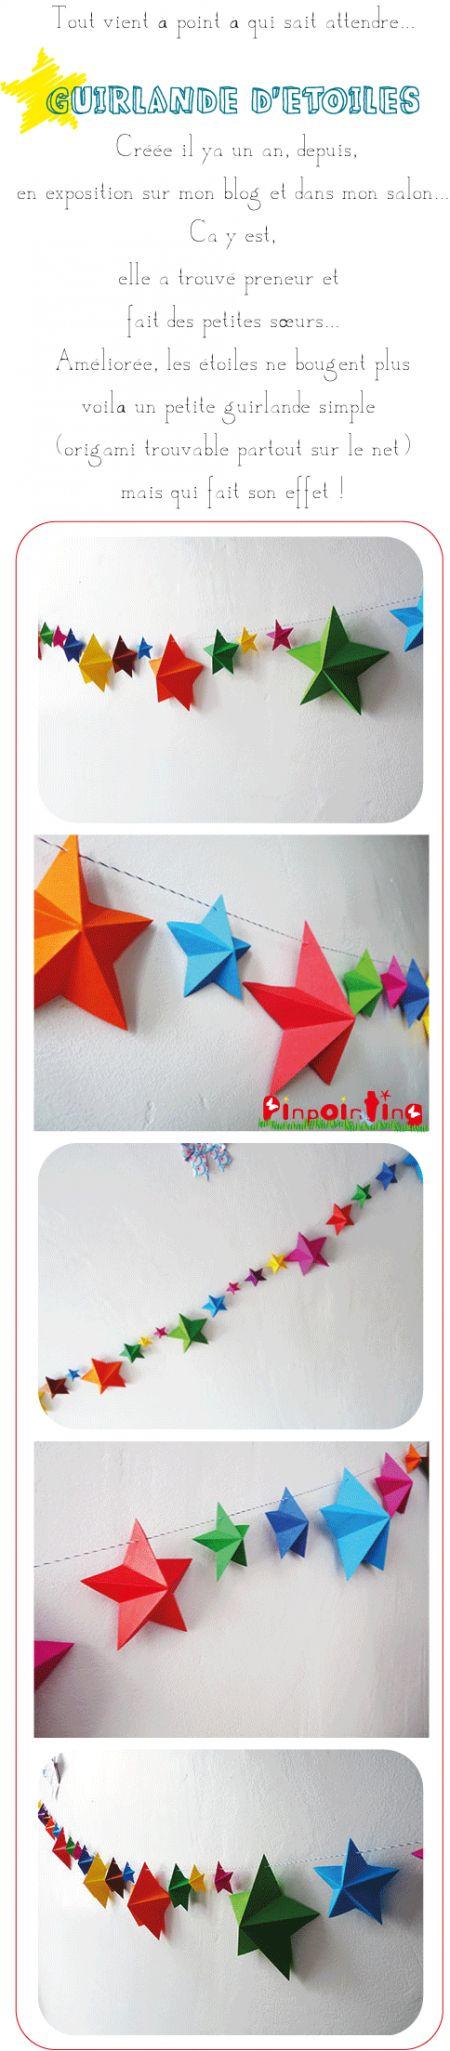 guirlande d'étoiles en origami